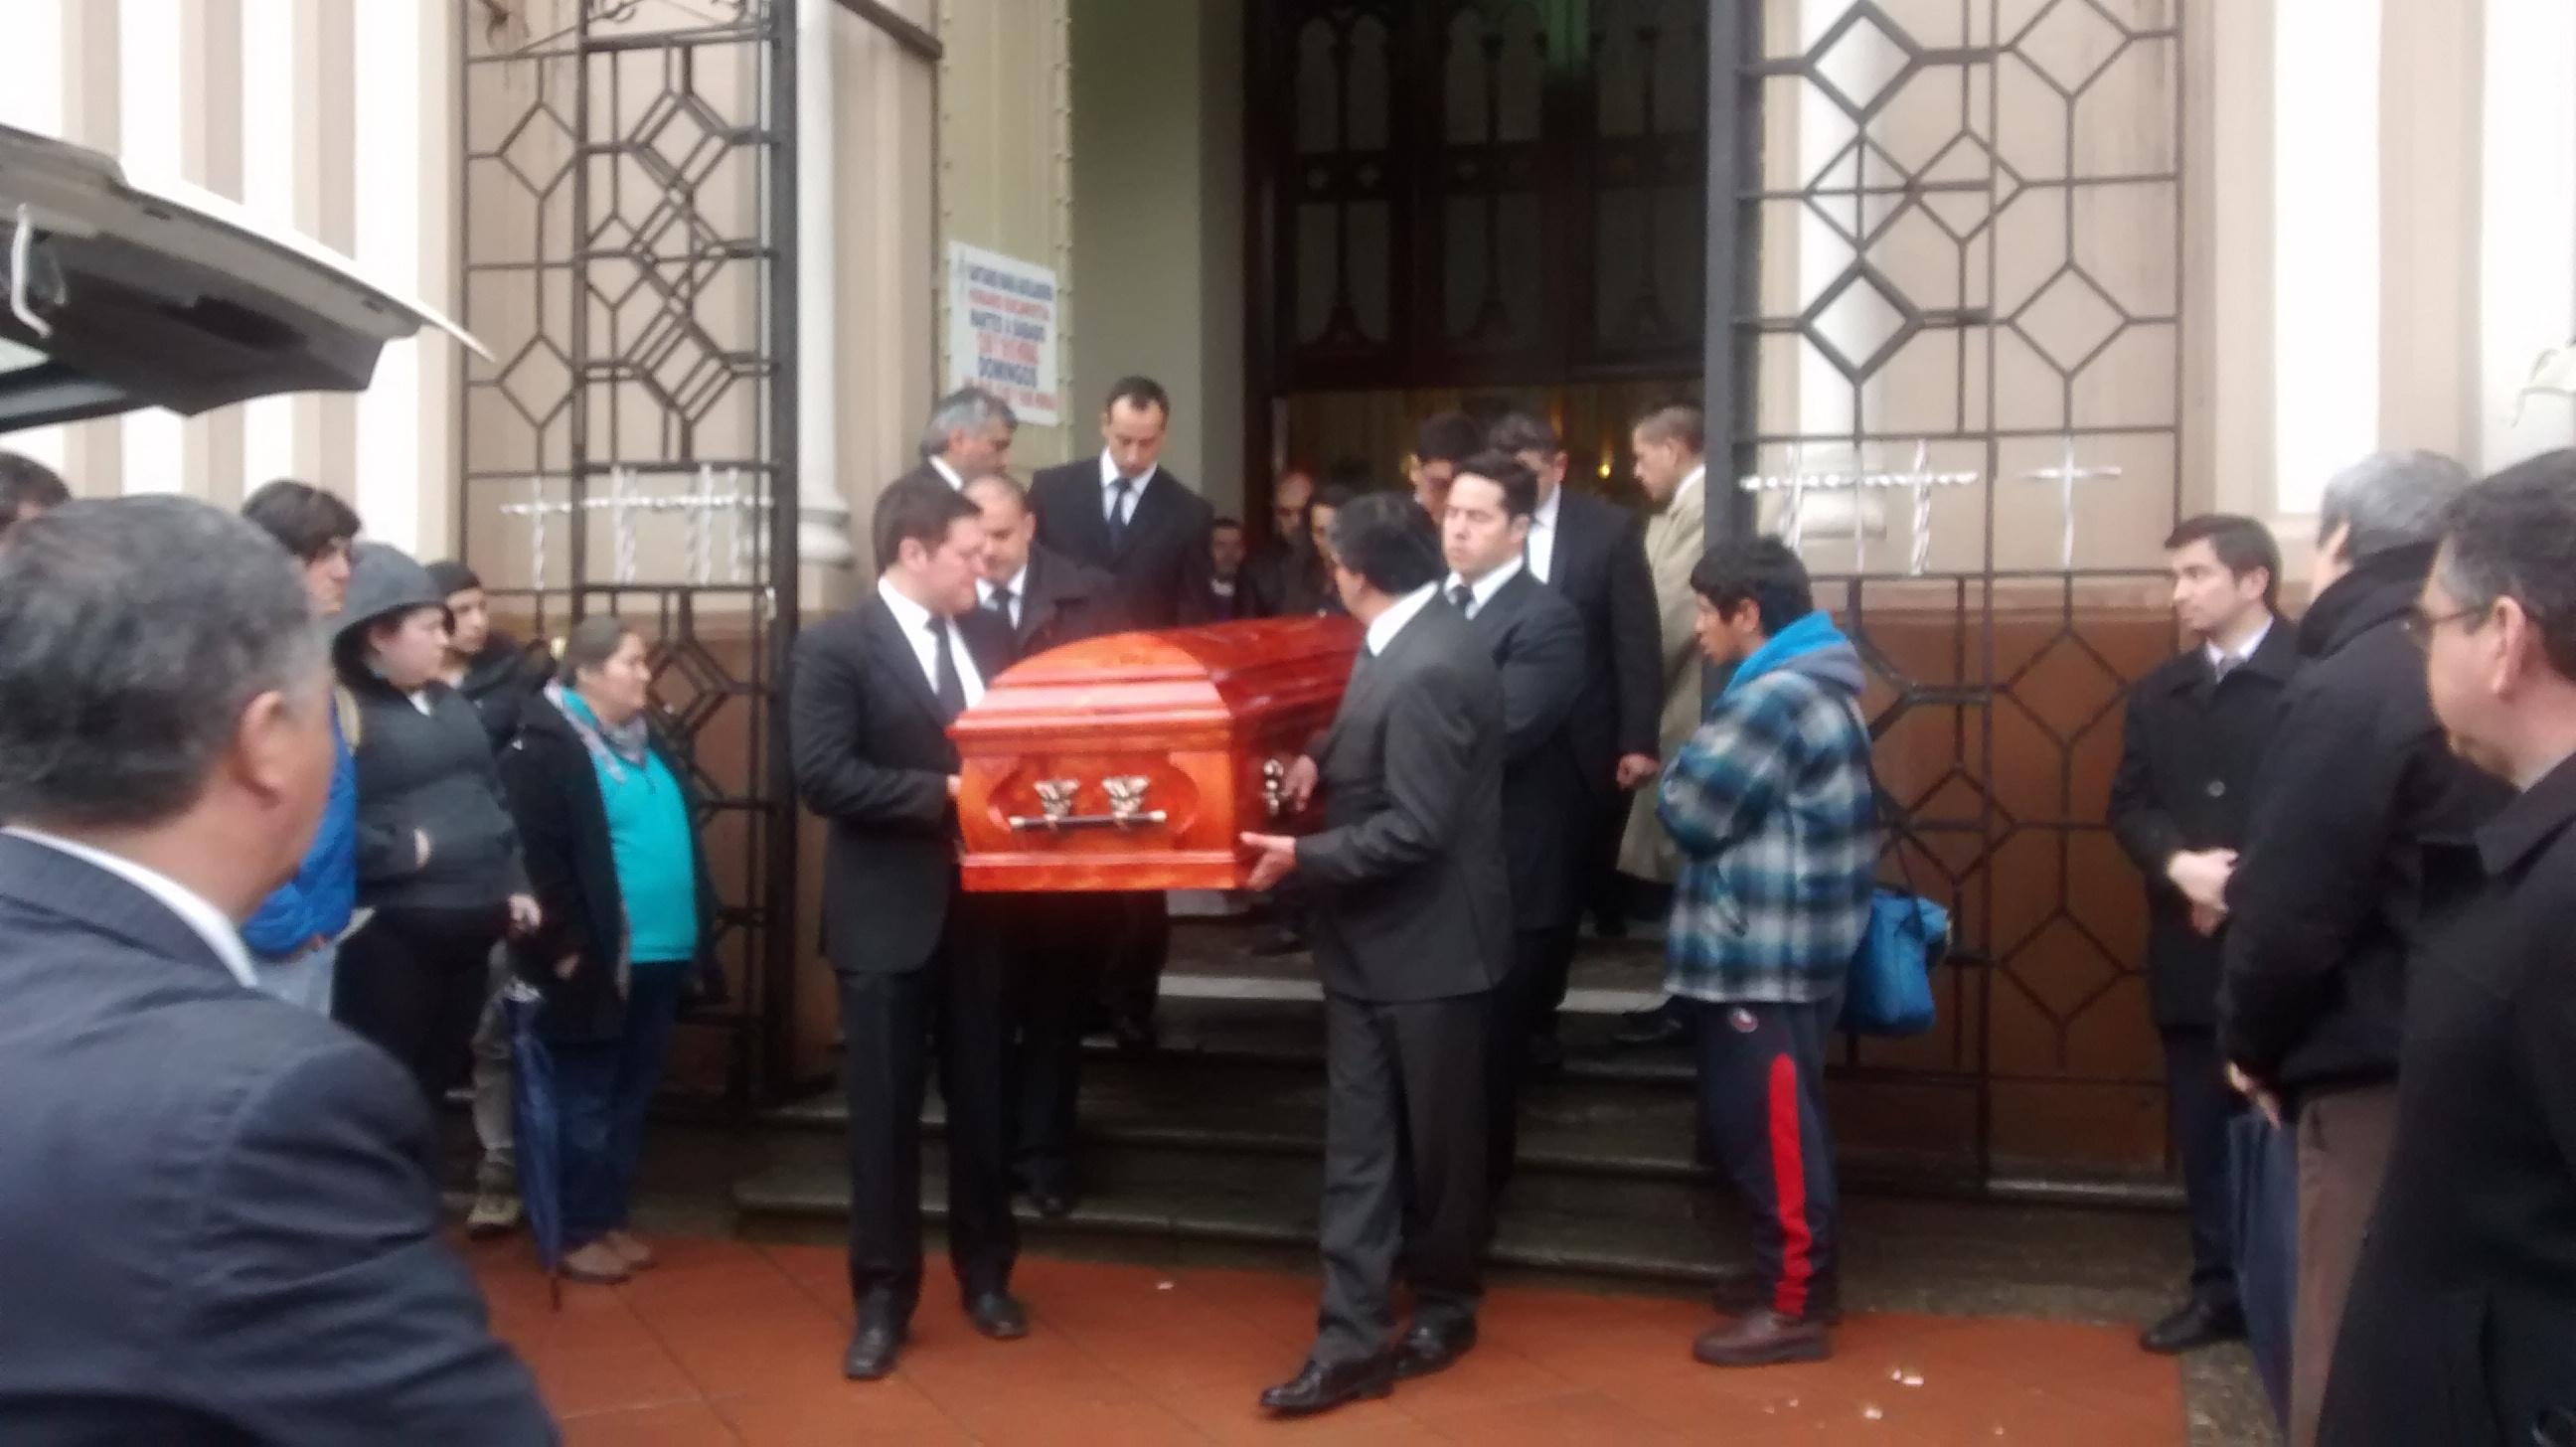 Emotivo Adios a funcionario de la PDI muerto en extrañas circunstancias en Talca